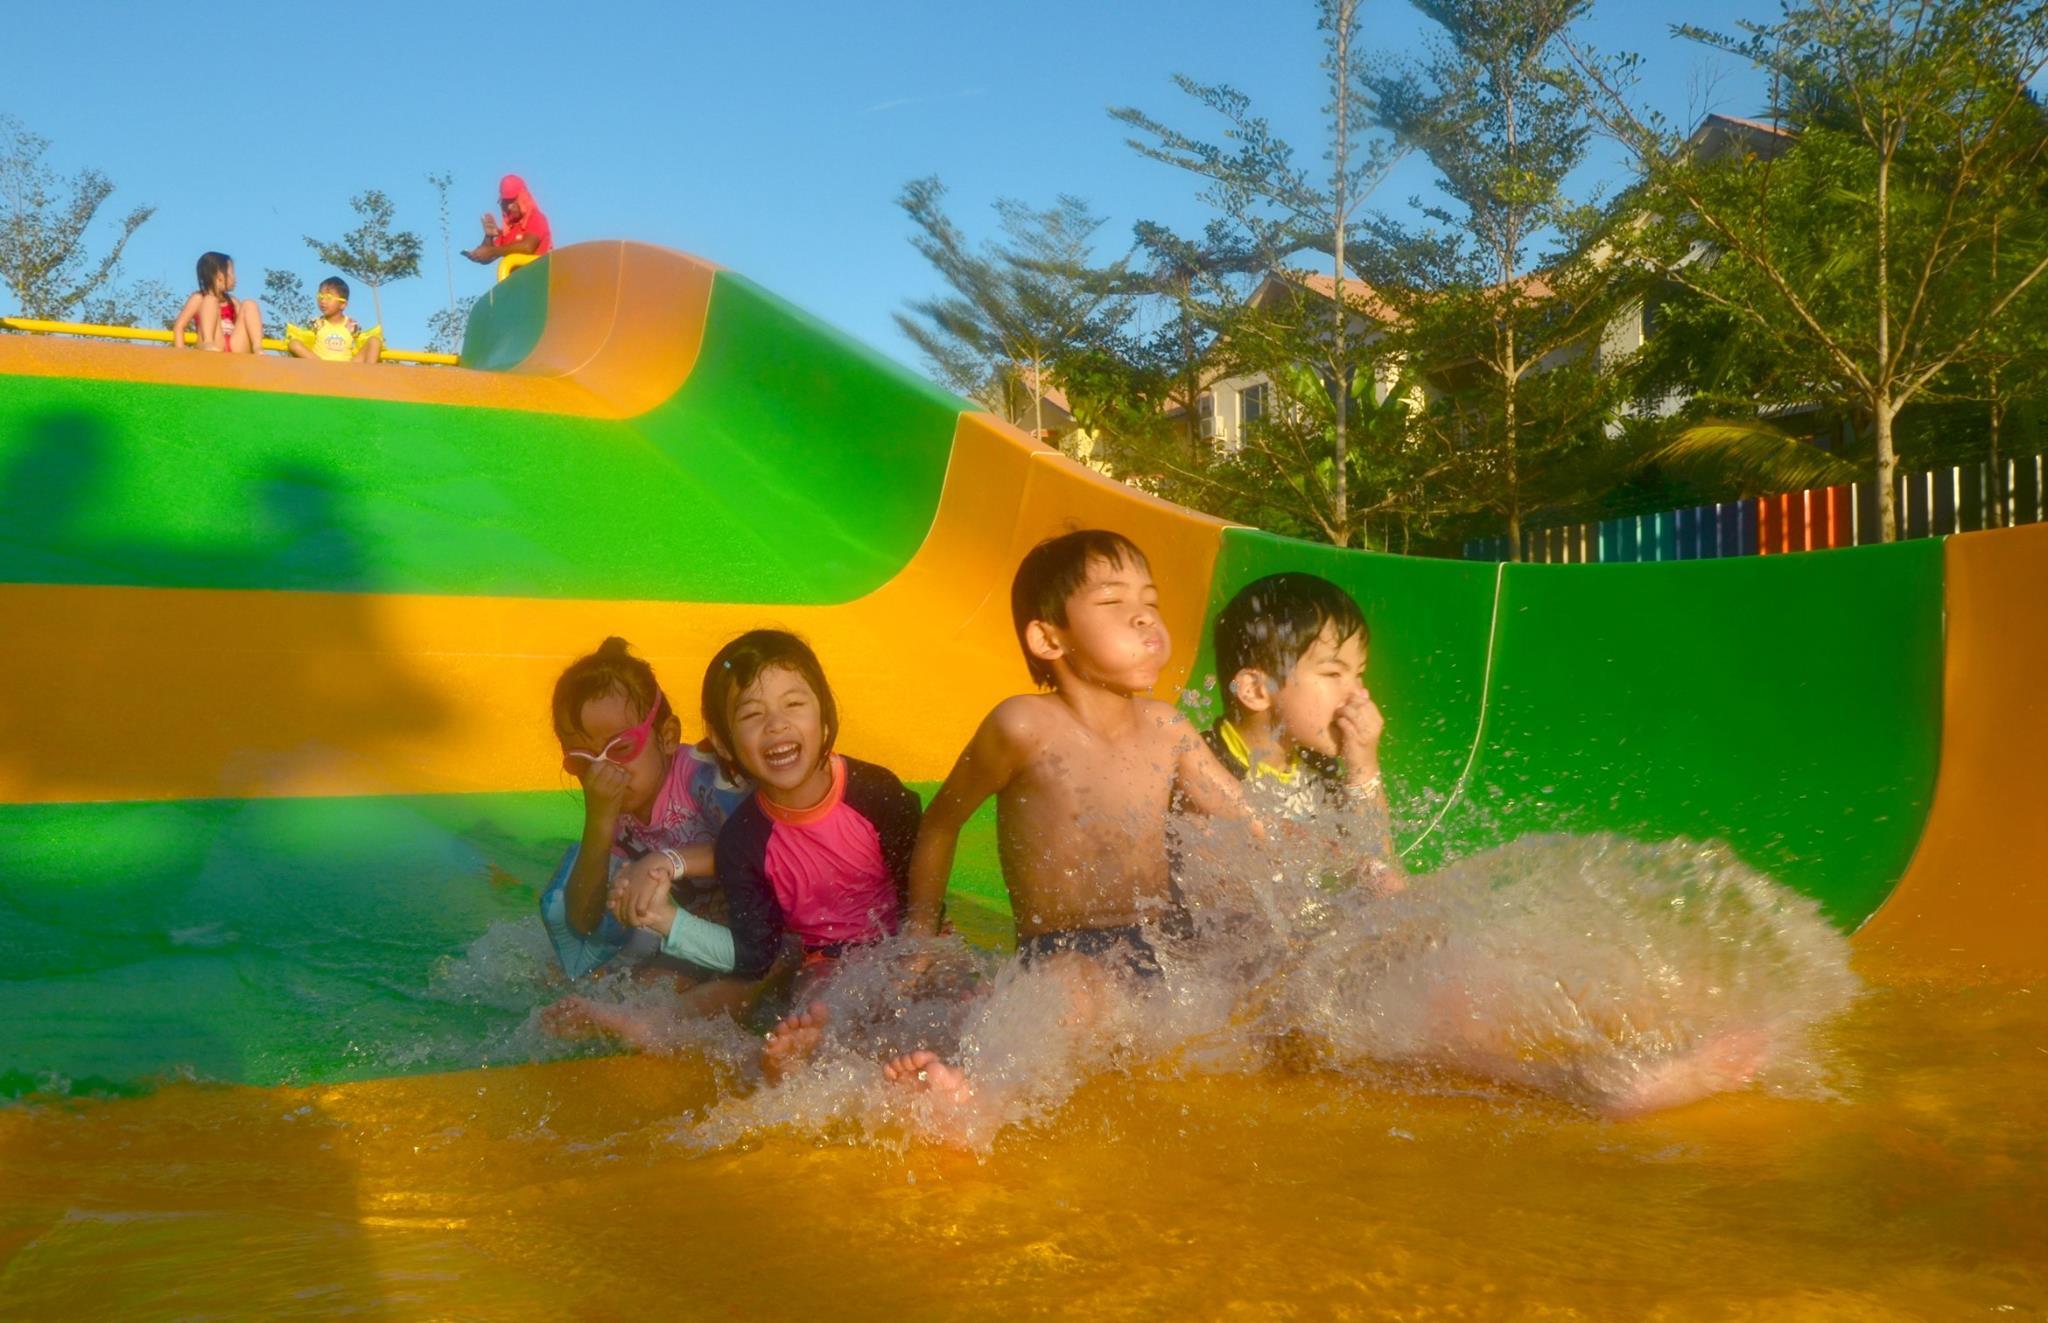 23632850_163569540912707_3613539502709516630_o Of Indah Jaya Water Park Di Sabah Lokasi Mandi Manda Yang Sangat Mempersonakan Untuk Pelancong